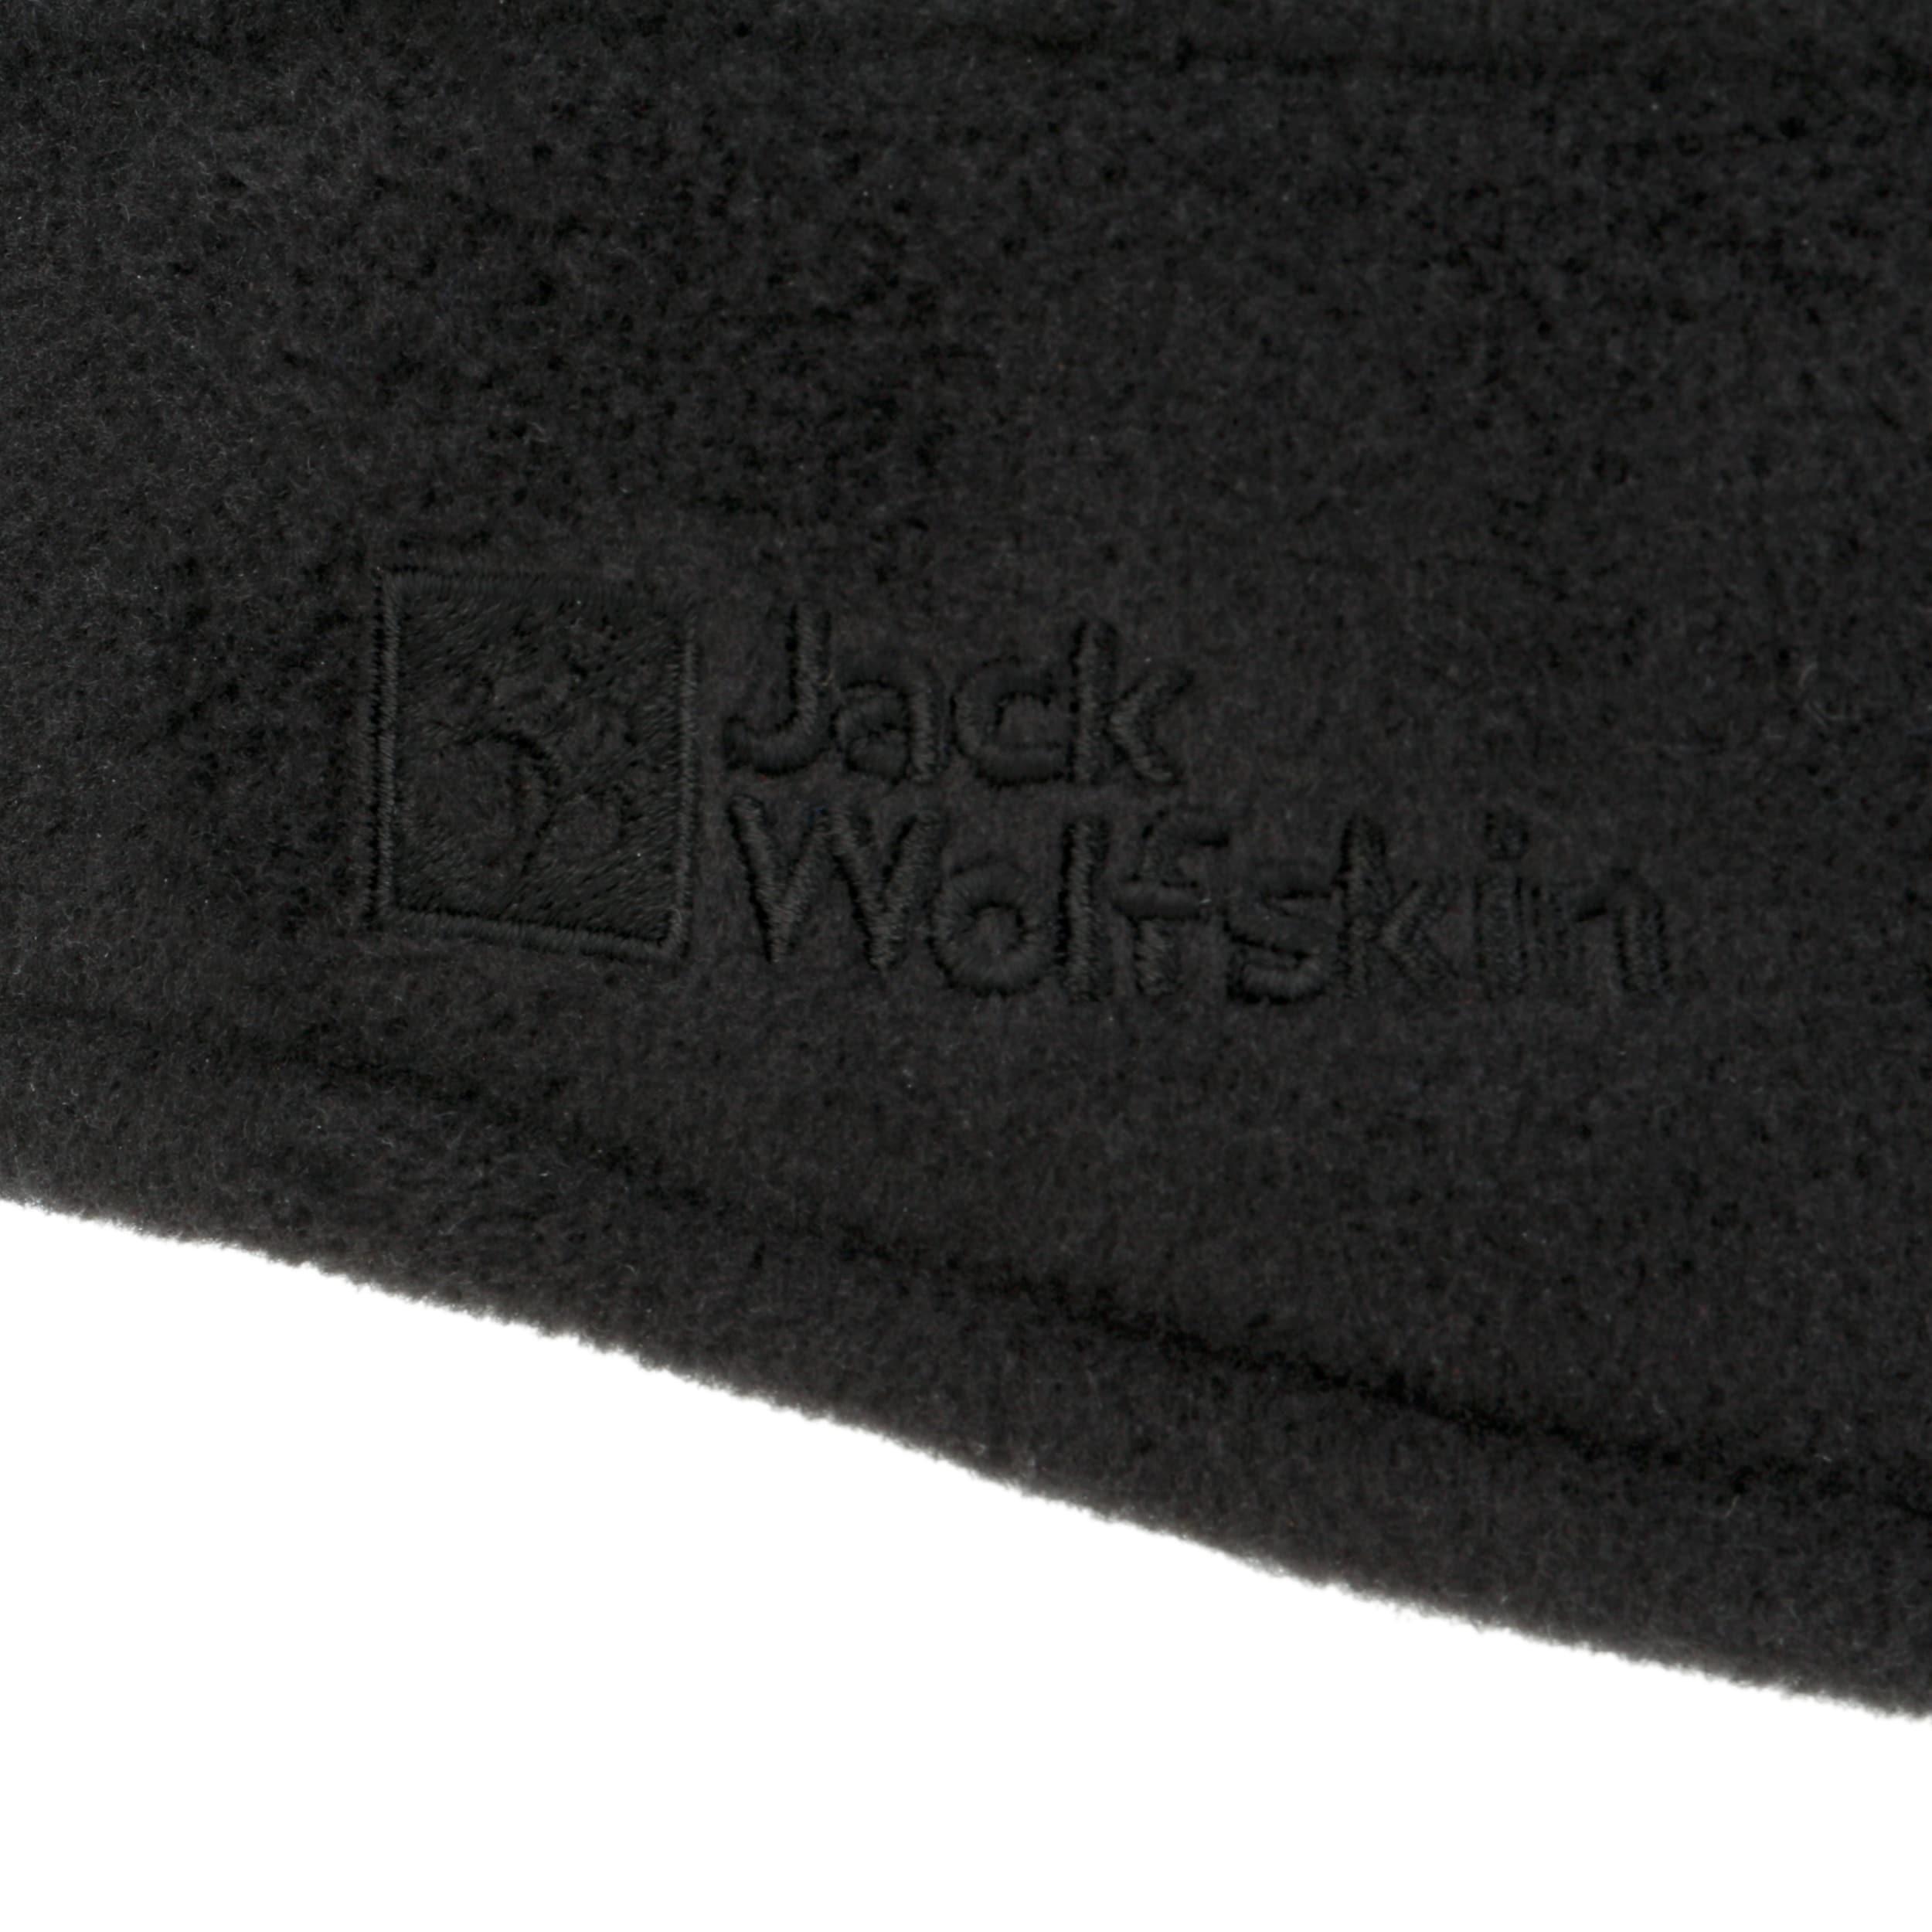 85f2f4480c3d6c ... Vertigo Fleece-Stirnband by Jack Wolfskin - schwarz 1 ...